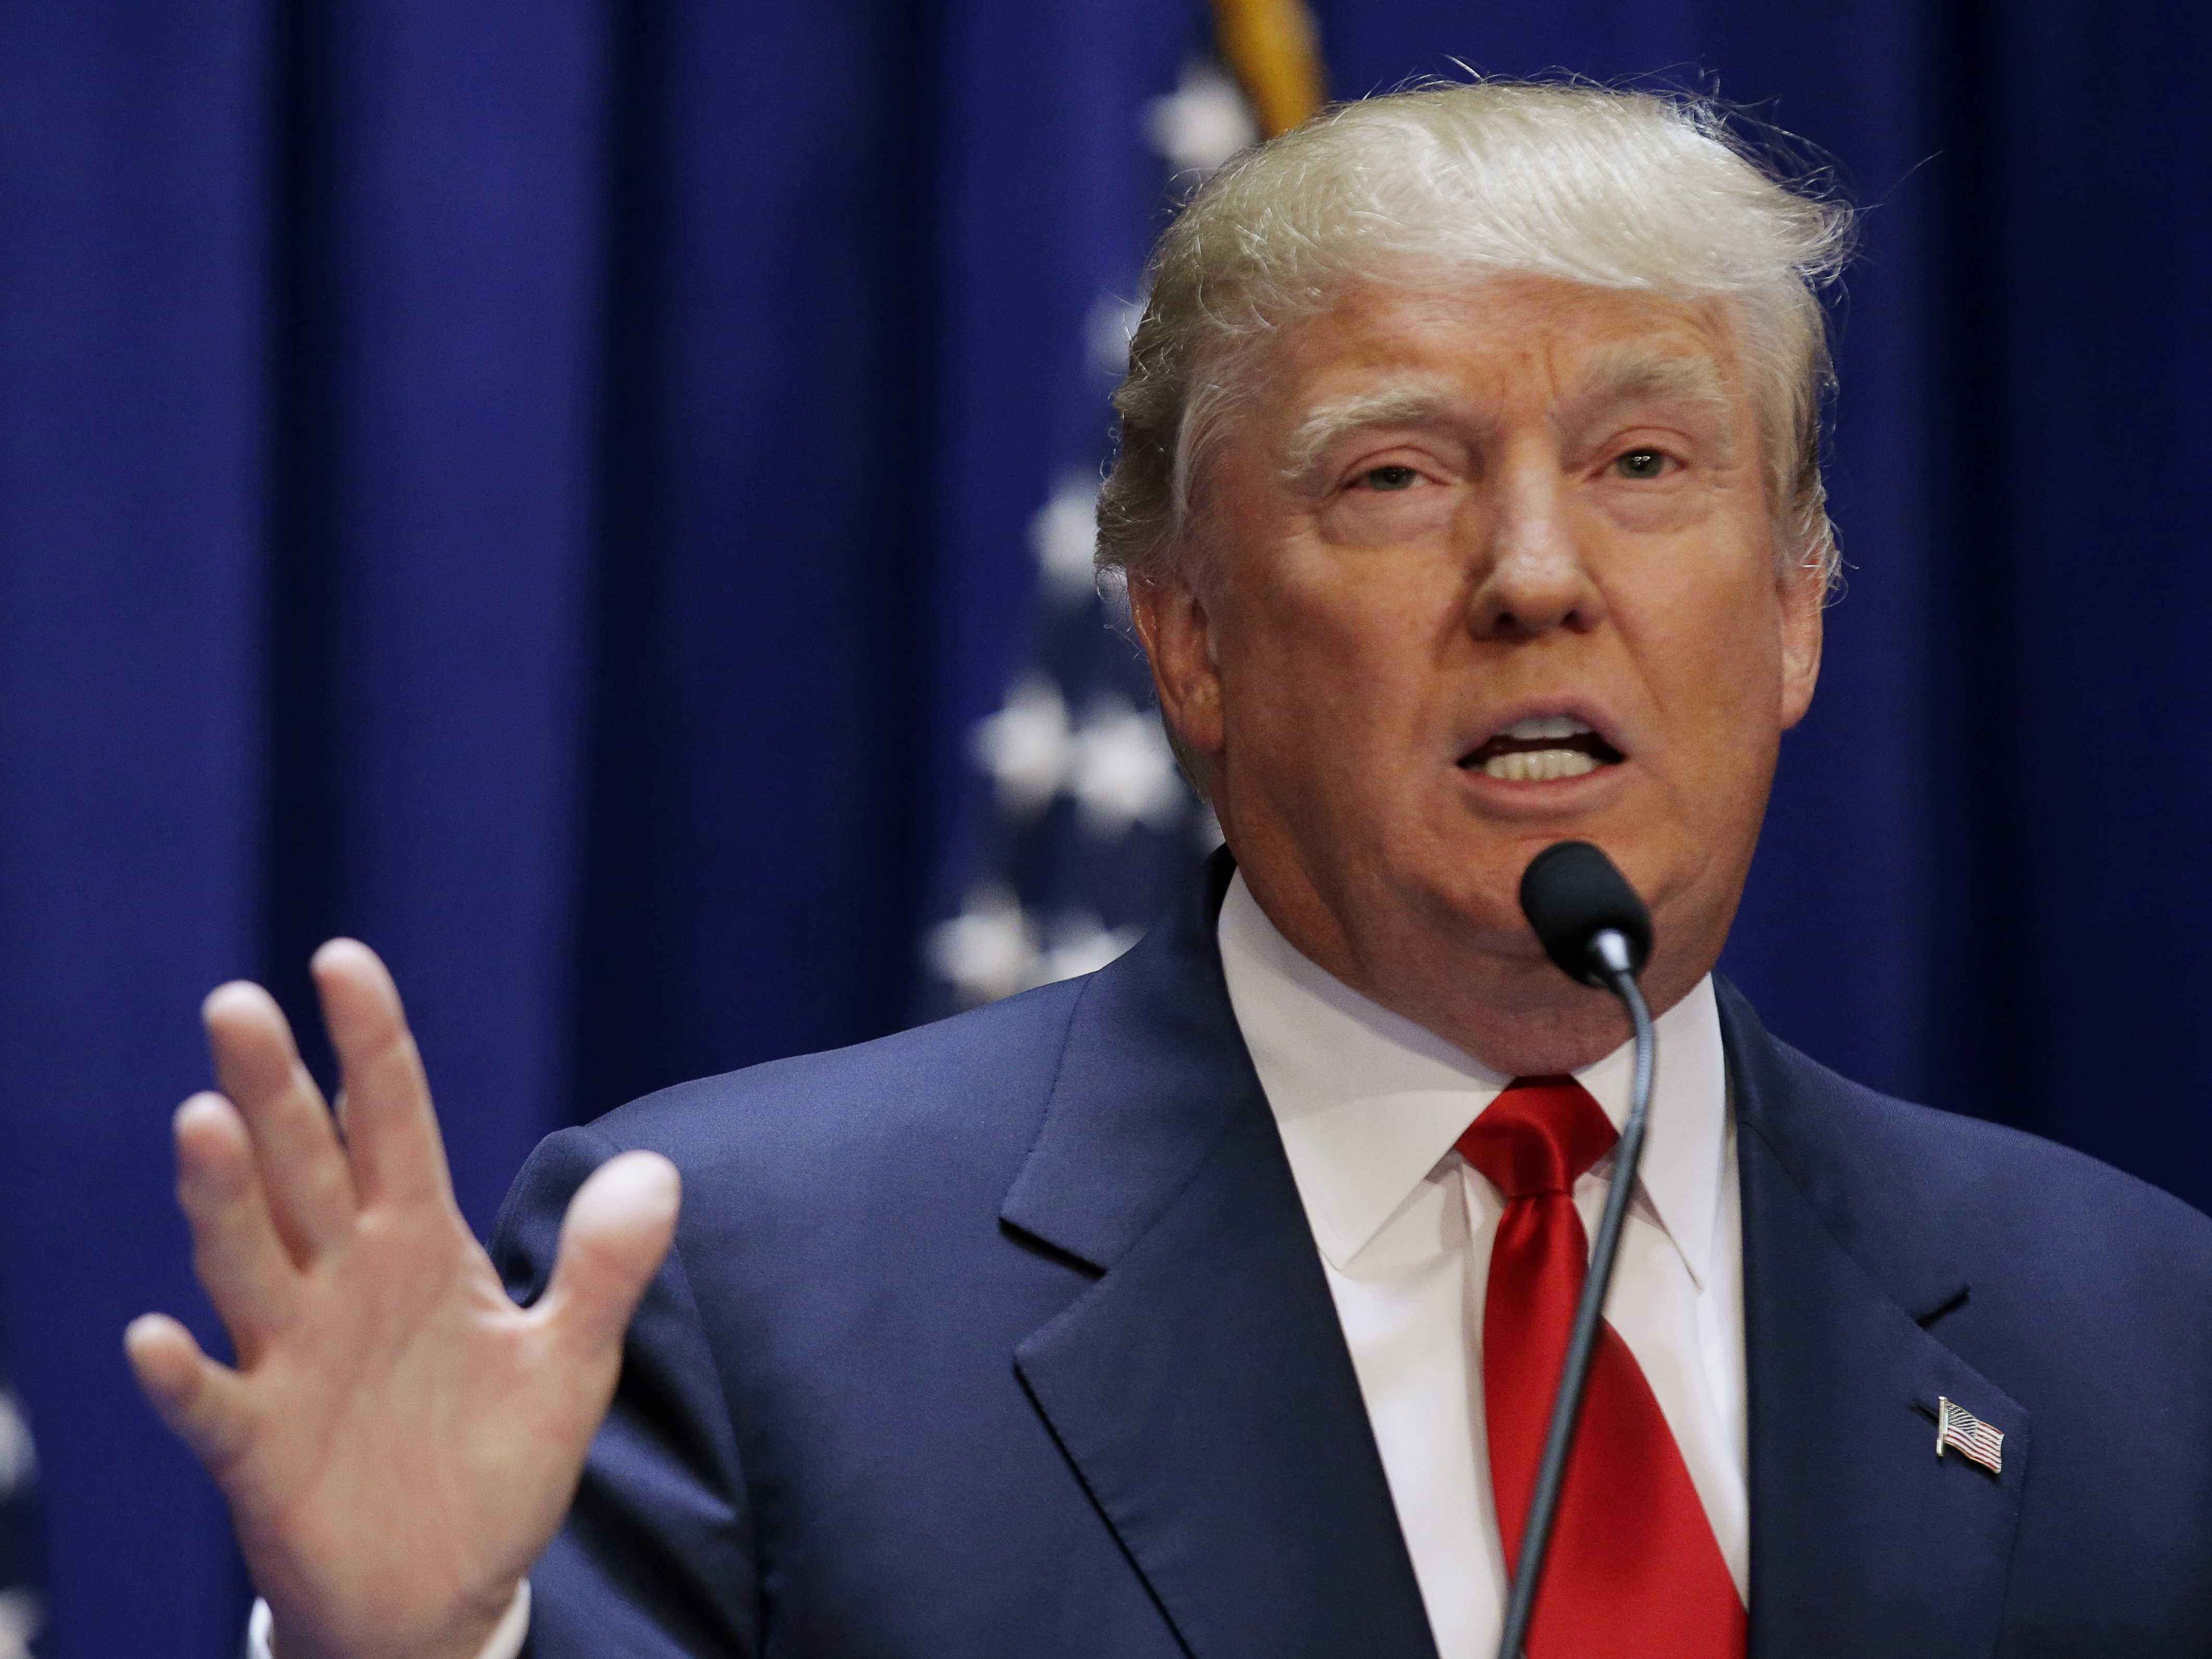 Trump Dice Que No Está Interesado En El TPP Y Que Prefiere Los Acuerdos Bilaterales.